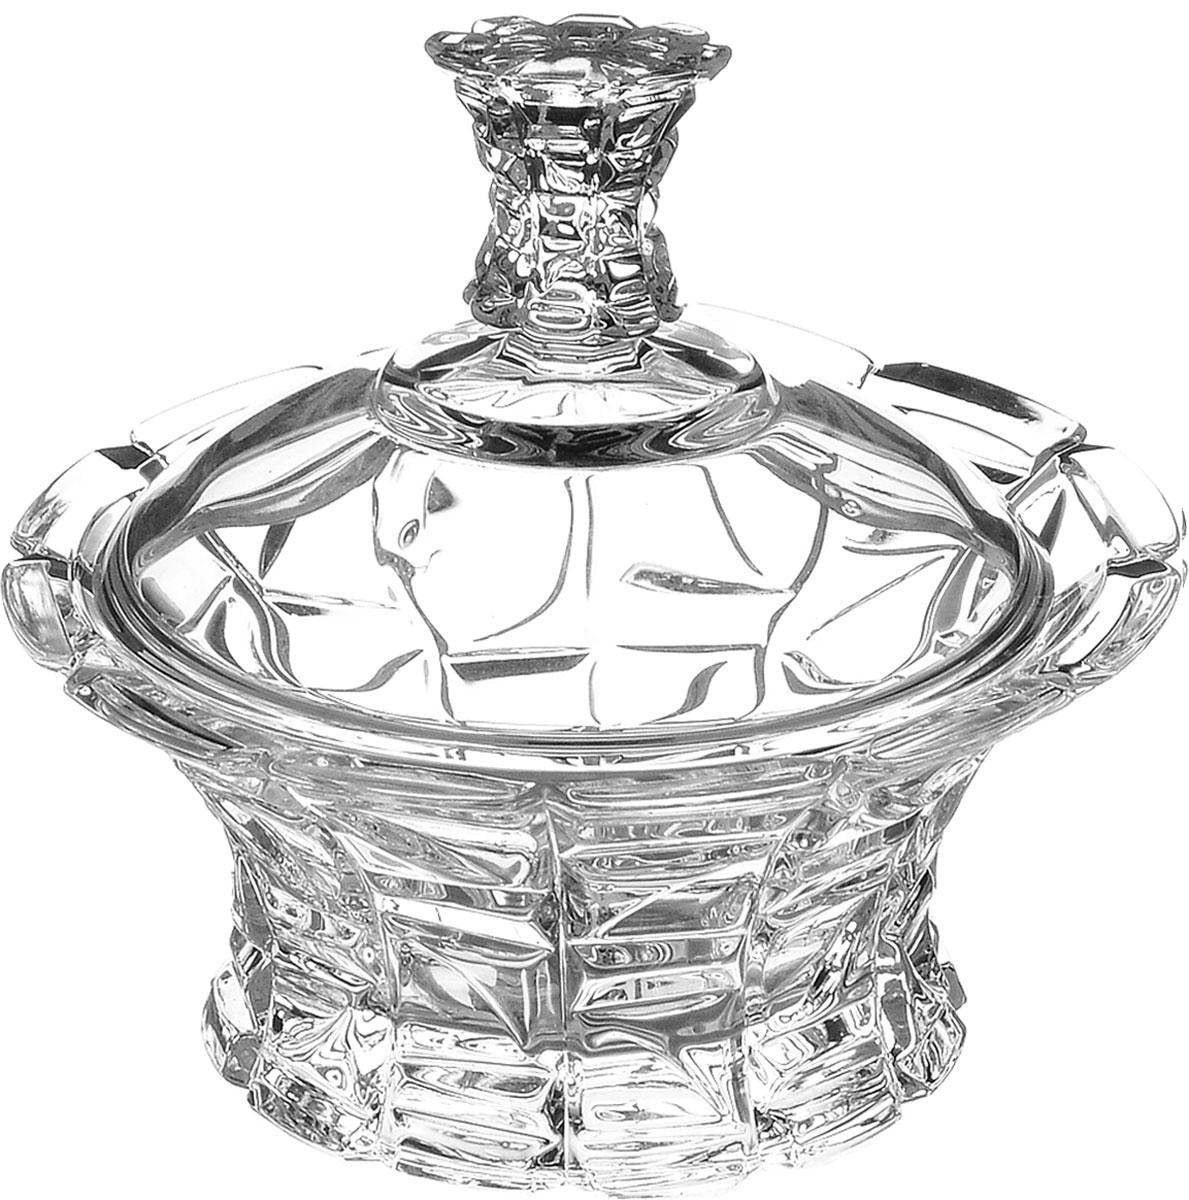 Конфетница Crystal Bohemia, с крышкой, диаметр 12,5 см990/53703/1/47610/125-109Элегантная конфетница Crystal Bohemia выполнена из настоящего чешского хрусталя с содержанием 24% оксида свинца, что придает изделию поразительную прозрачность и чистоту, невероятный блеск, присущий только ювелирным изделиям, особое, ни с чем не сравнимое светопреломление и игру всеми красками спектра как при естественном, так и при искусственном освещении. Изделие предназначено для подачи сладостей (конфет, сахара, меда, изюма, орехов и многого другого). Она придает легкость, воздушность сервировке стола и создаст особую атмосферу праздника. Конфетница Crystal Bohemia не только украсит ваш кухонный стол и подчеркнет прекрасный вкус хозяина, но и станет отличным подарком для ваших близких и друзей. Диаметр конфетницы (по верхнему краю): 12,5 см. Высота конфетницы (с учетом крышки): 11,5 см.